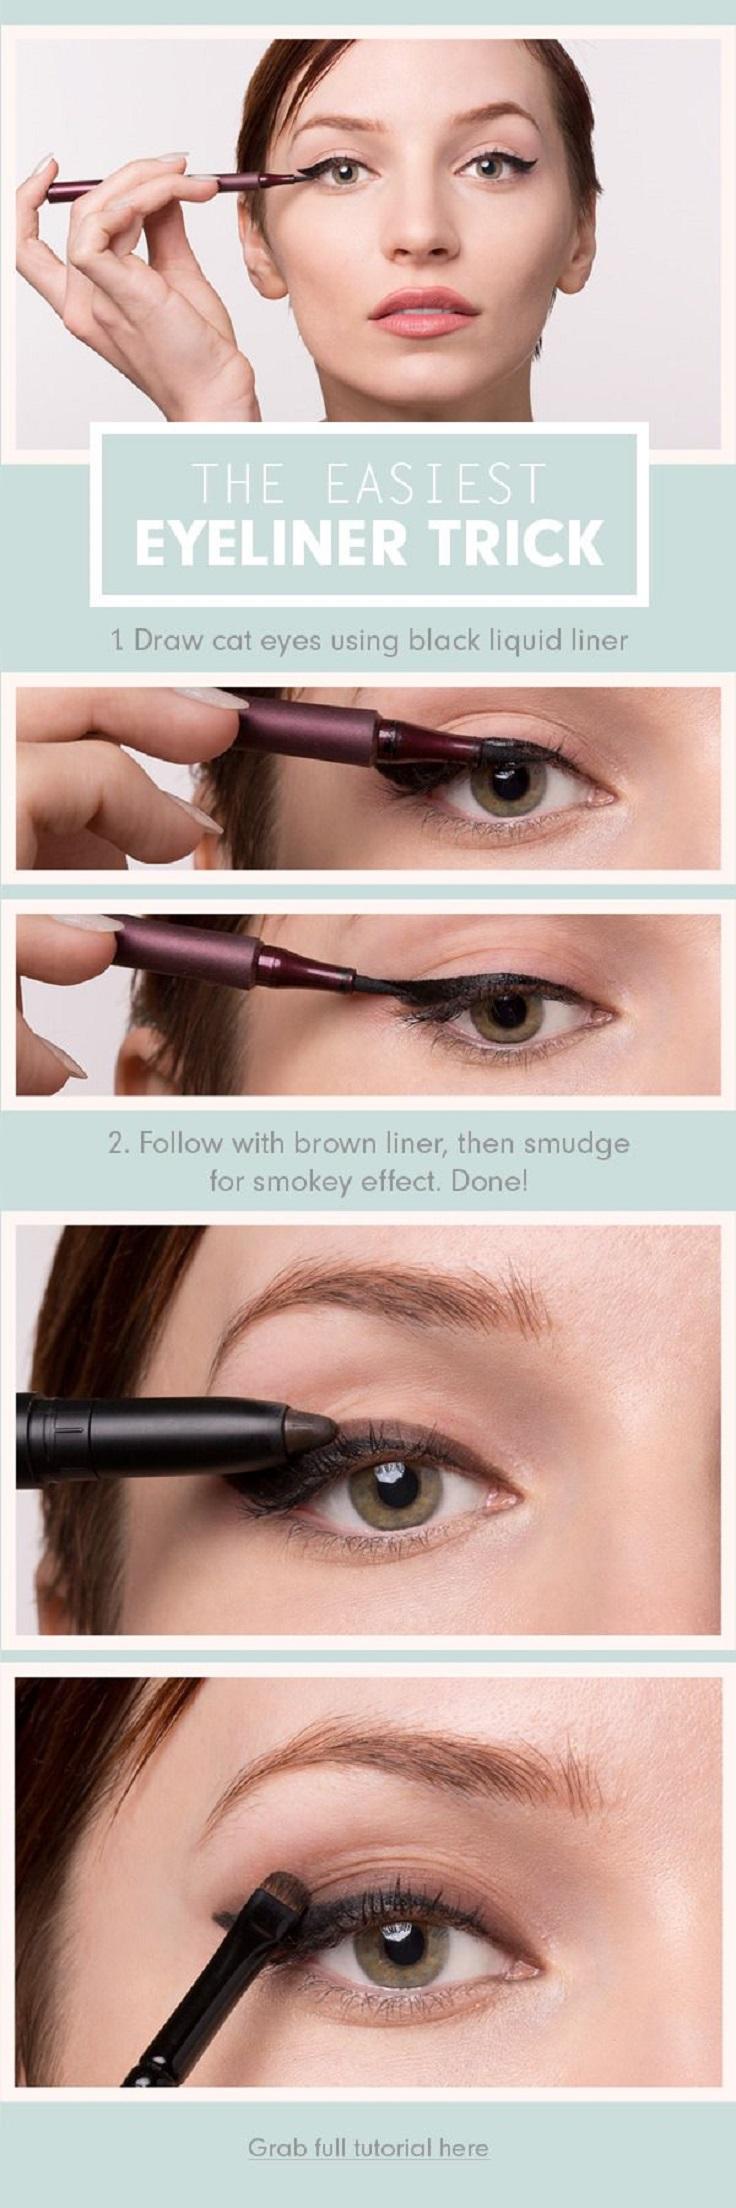 smudged-eyeliner-trick